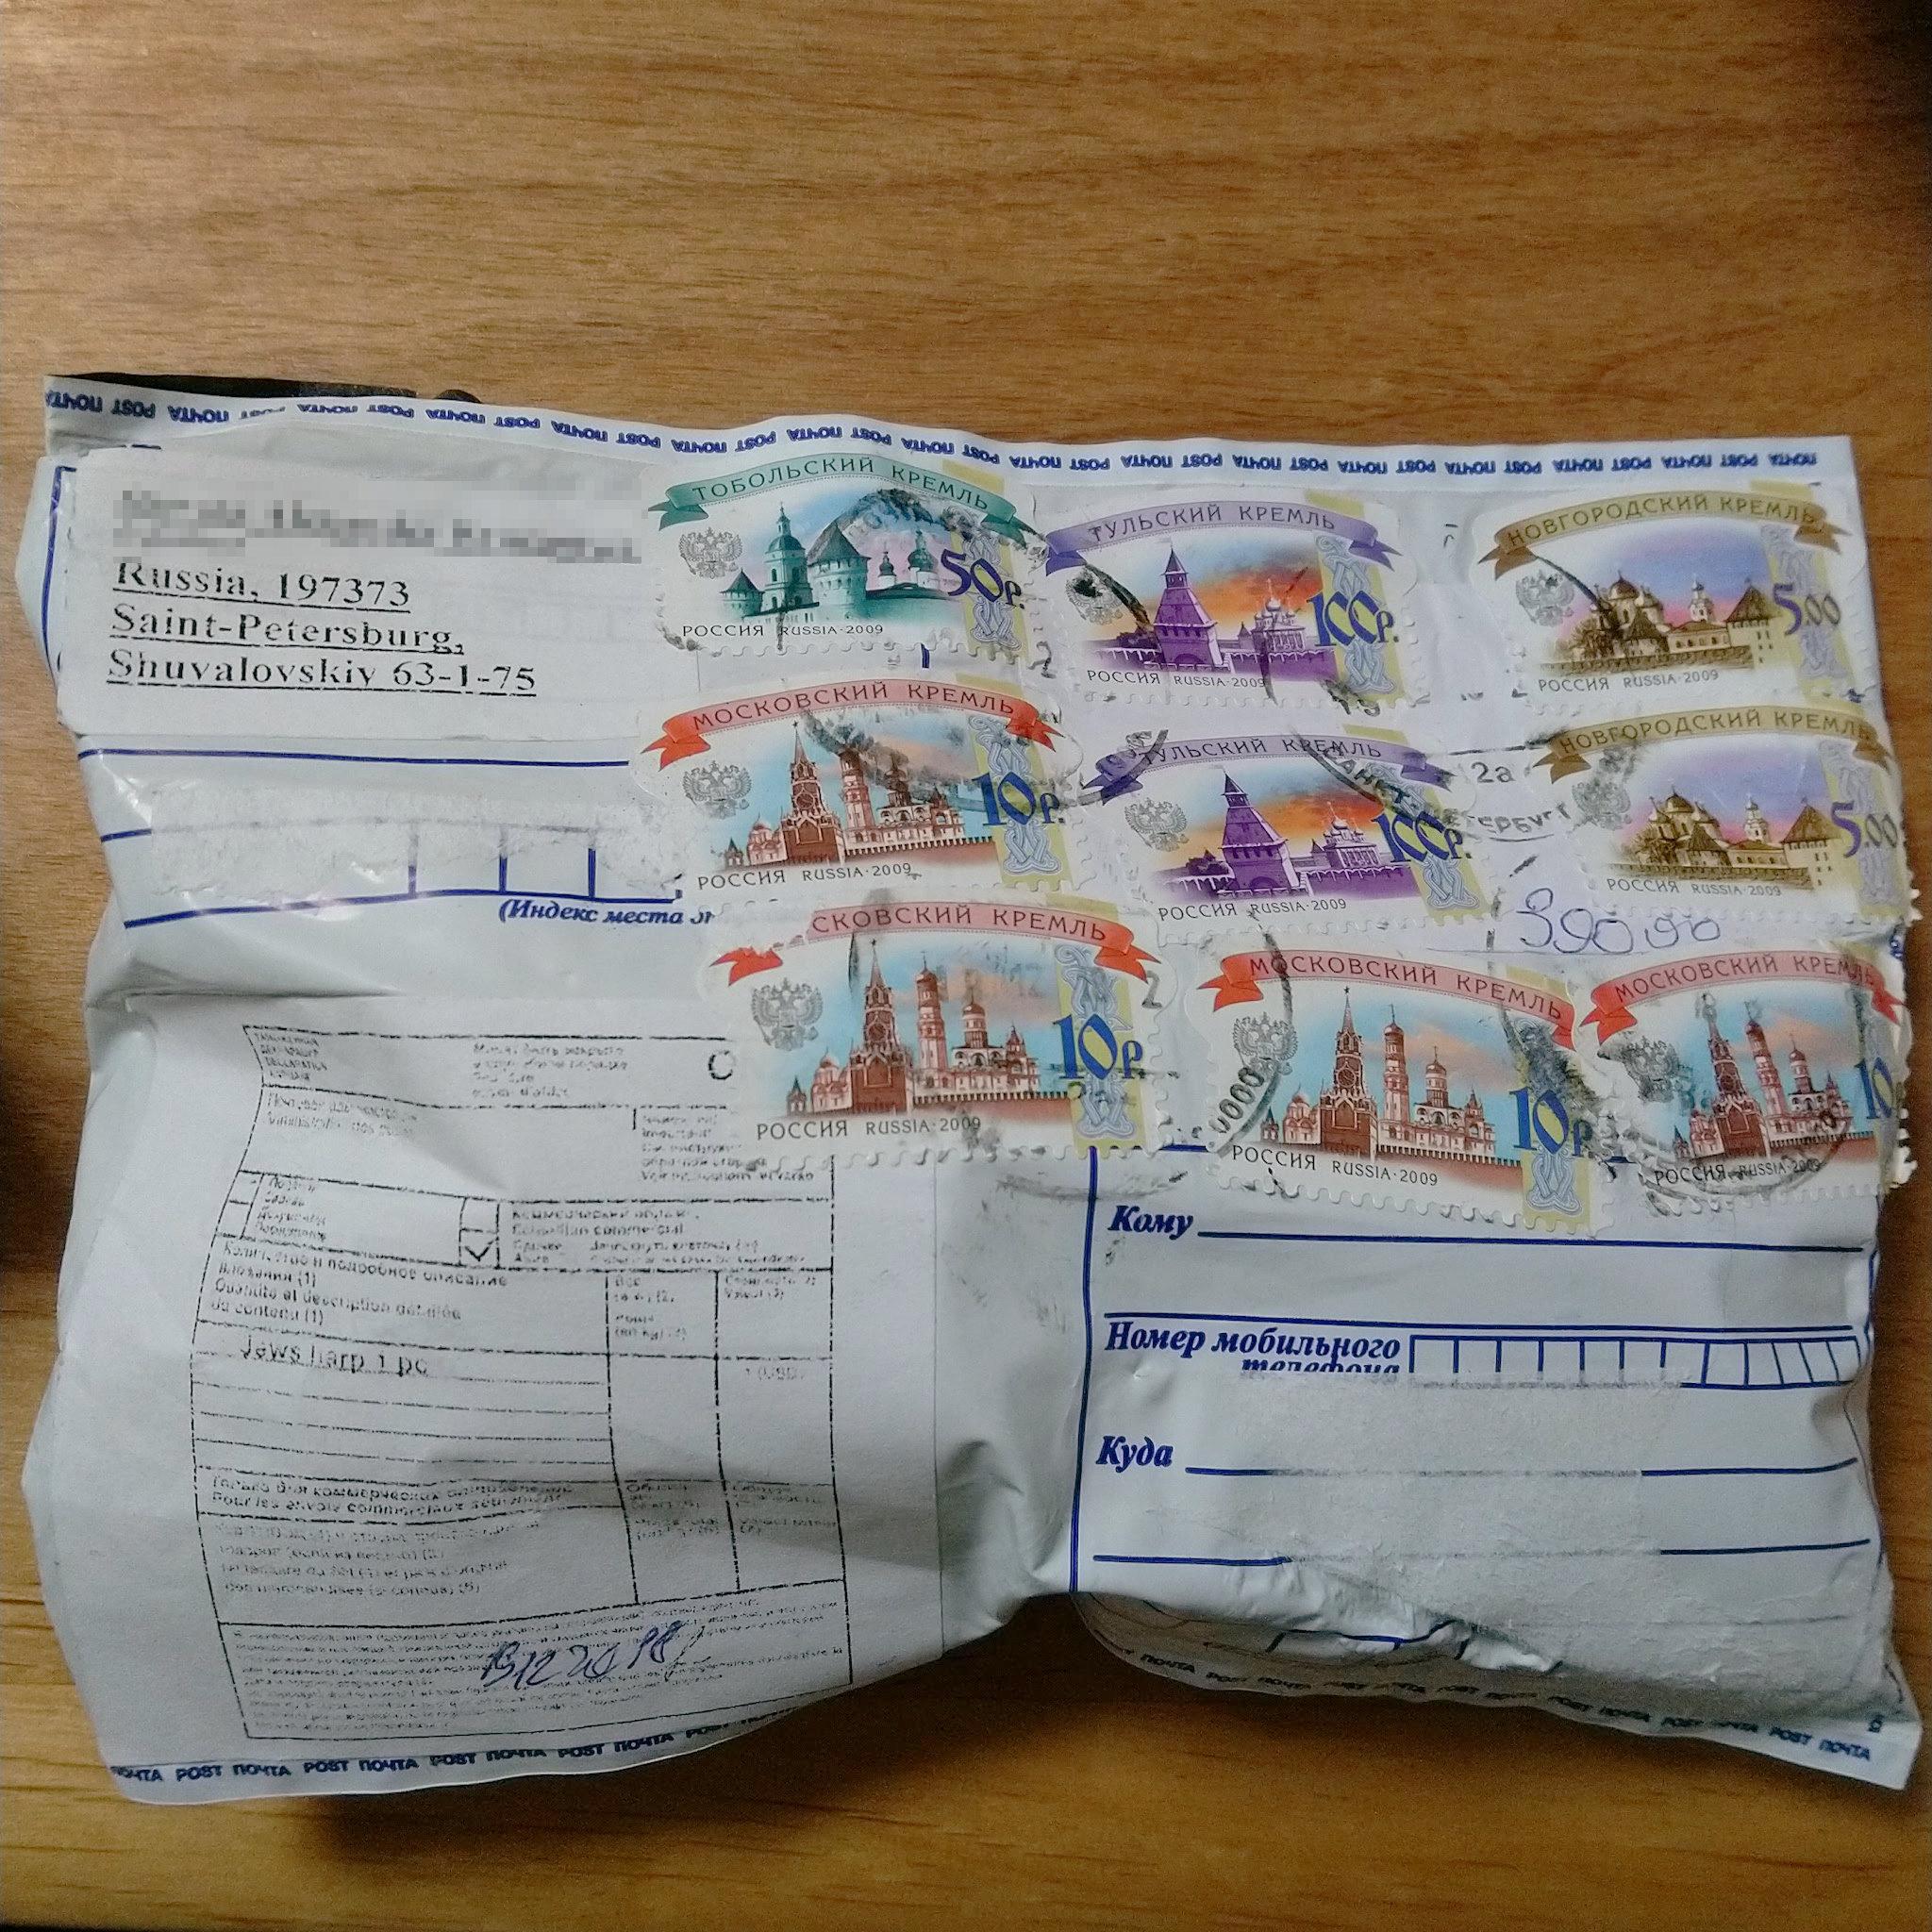 ロシアから届いた小包